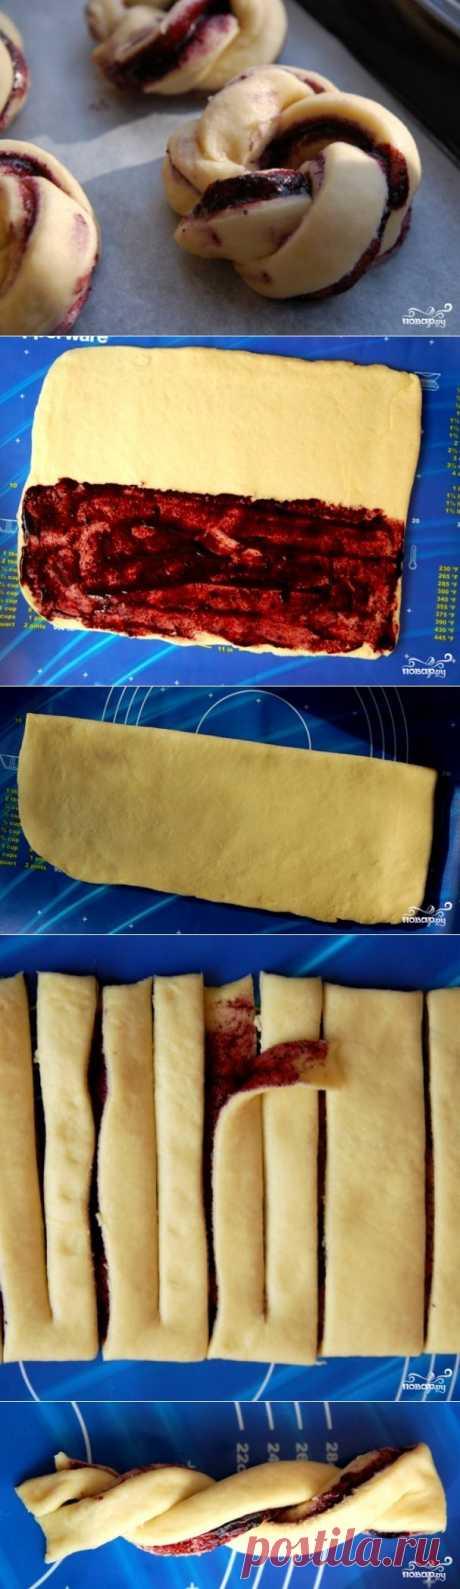 Пирожки с черникой - пошаговый кулинарный рецепт на Повар.ру